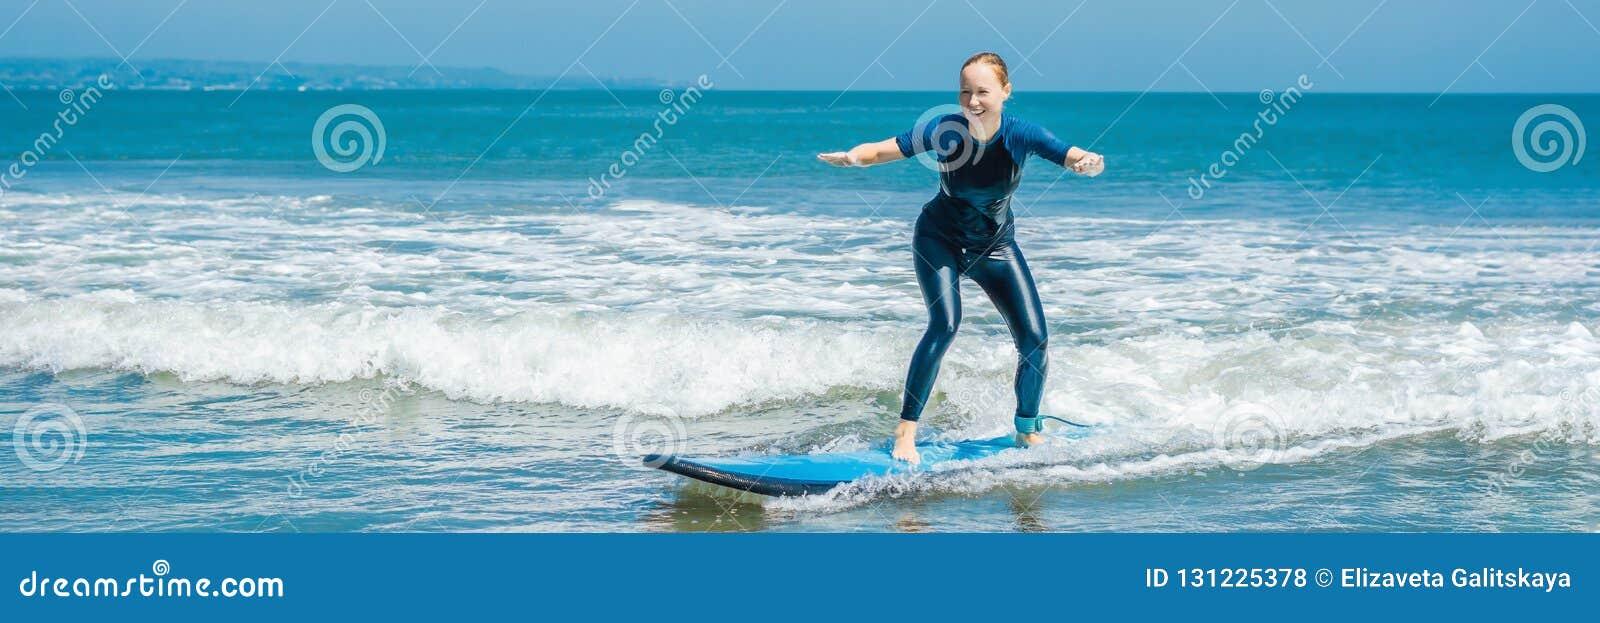 La persona que practica surf alegre del principiante de la mujer joven con resaca azul se divierte en pequeñas ondas del mar Form